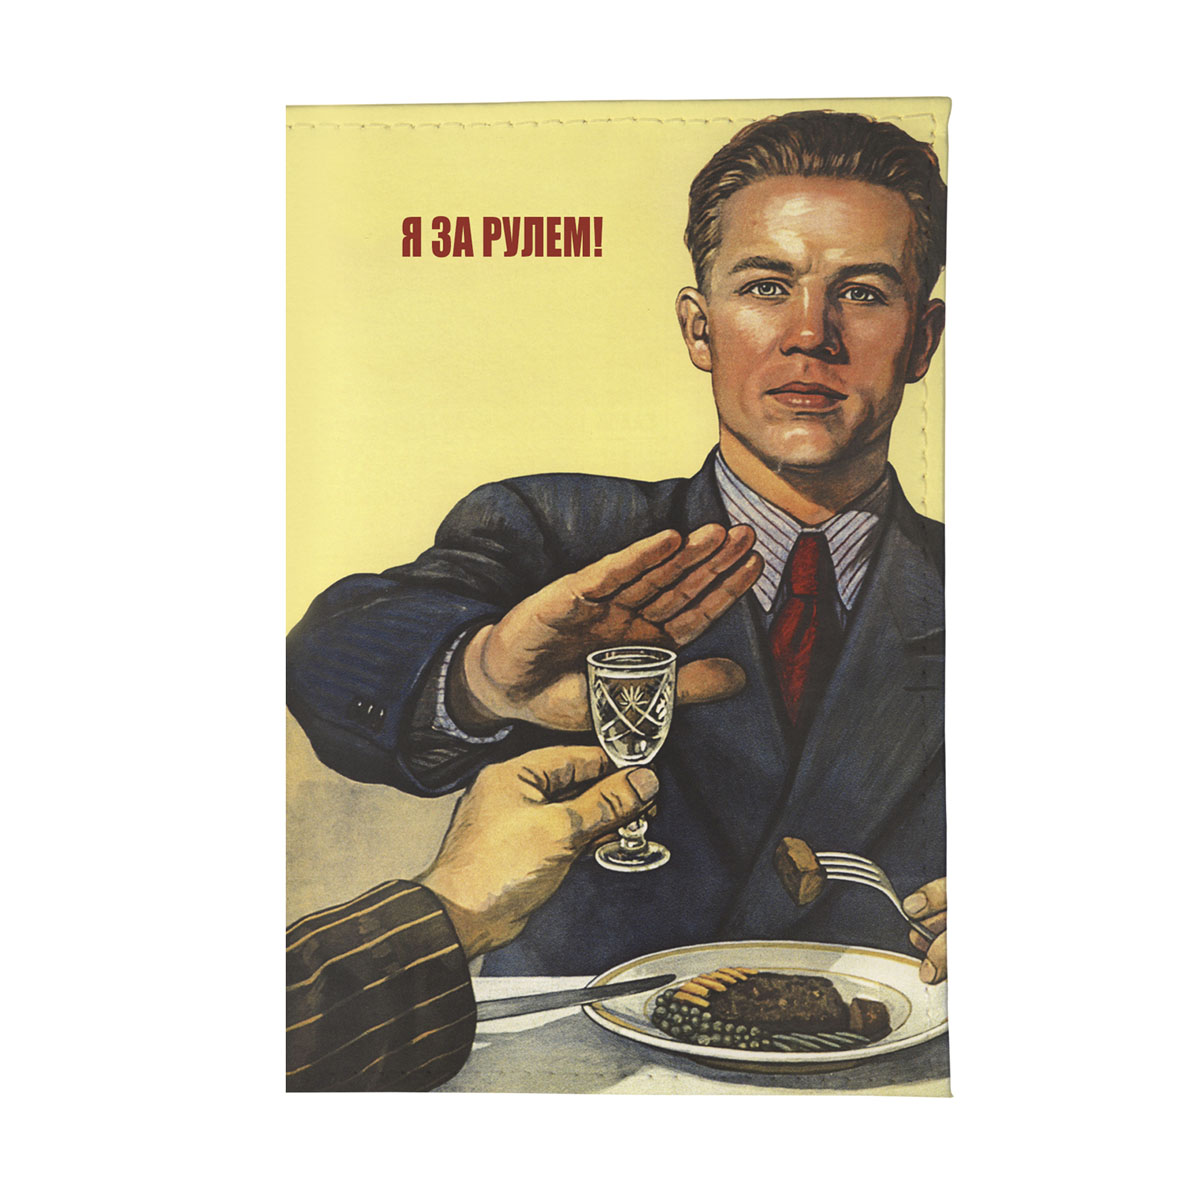 Обложка для автодокументов Mitya Veselkov За рулем, цвет: желтый. AUTOZAM399595.173.01 BlackОбложка для удостоверения Mitya Veselkov За рулем выполнена из ПВХ. Края дополнены прострочкой. Внутри у модели широкие удобные поля.